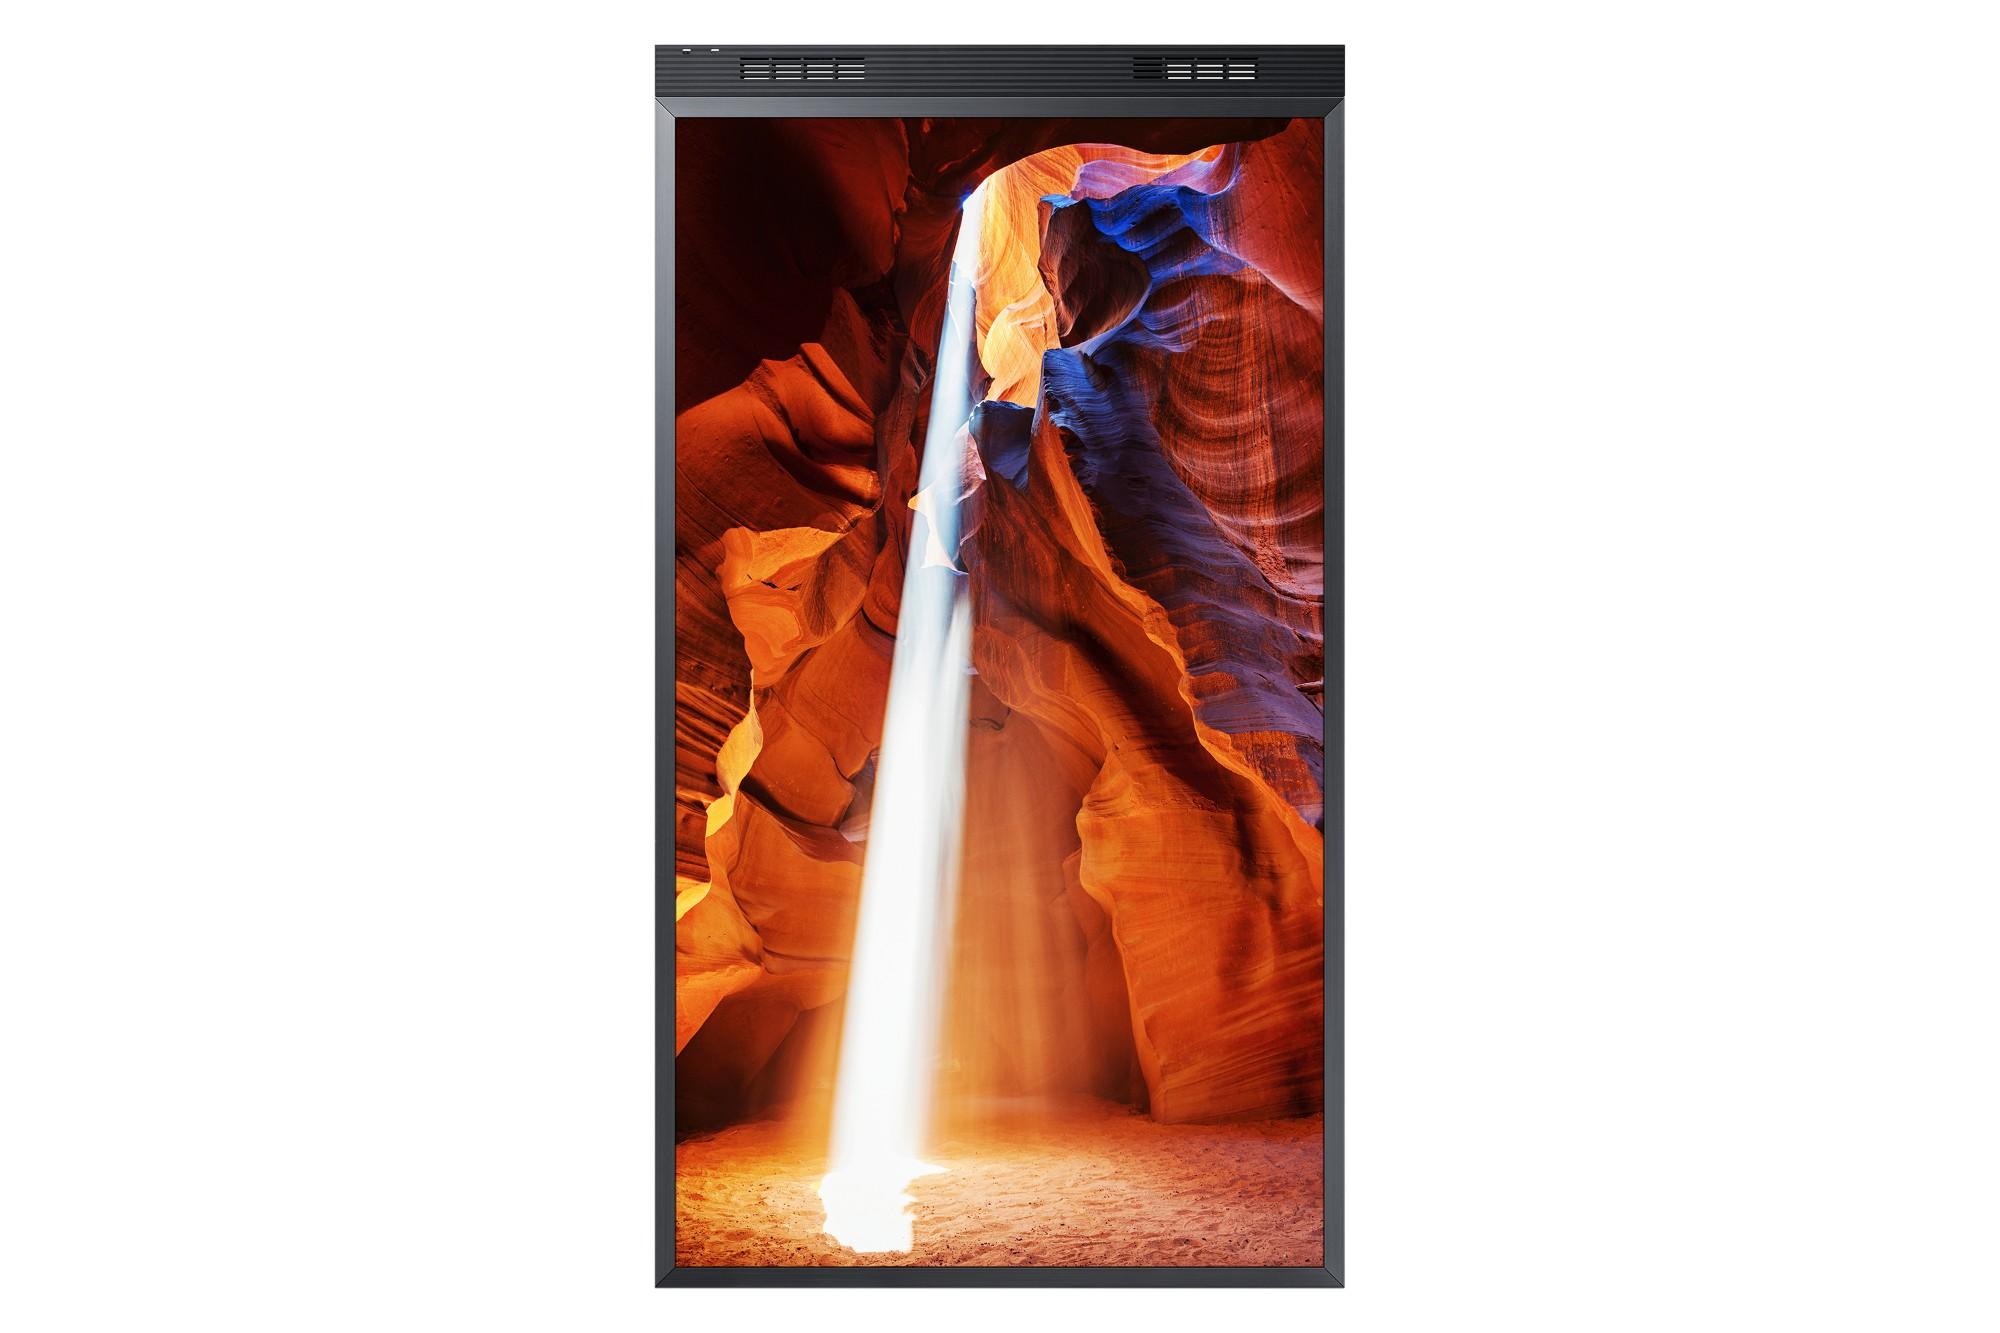 """Samsung OM46N-D 116,8 cm (46"""") LED Full HD Pantalla plana para señalización digital Negro Procesador incorporado Tizen 3.0"""